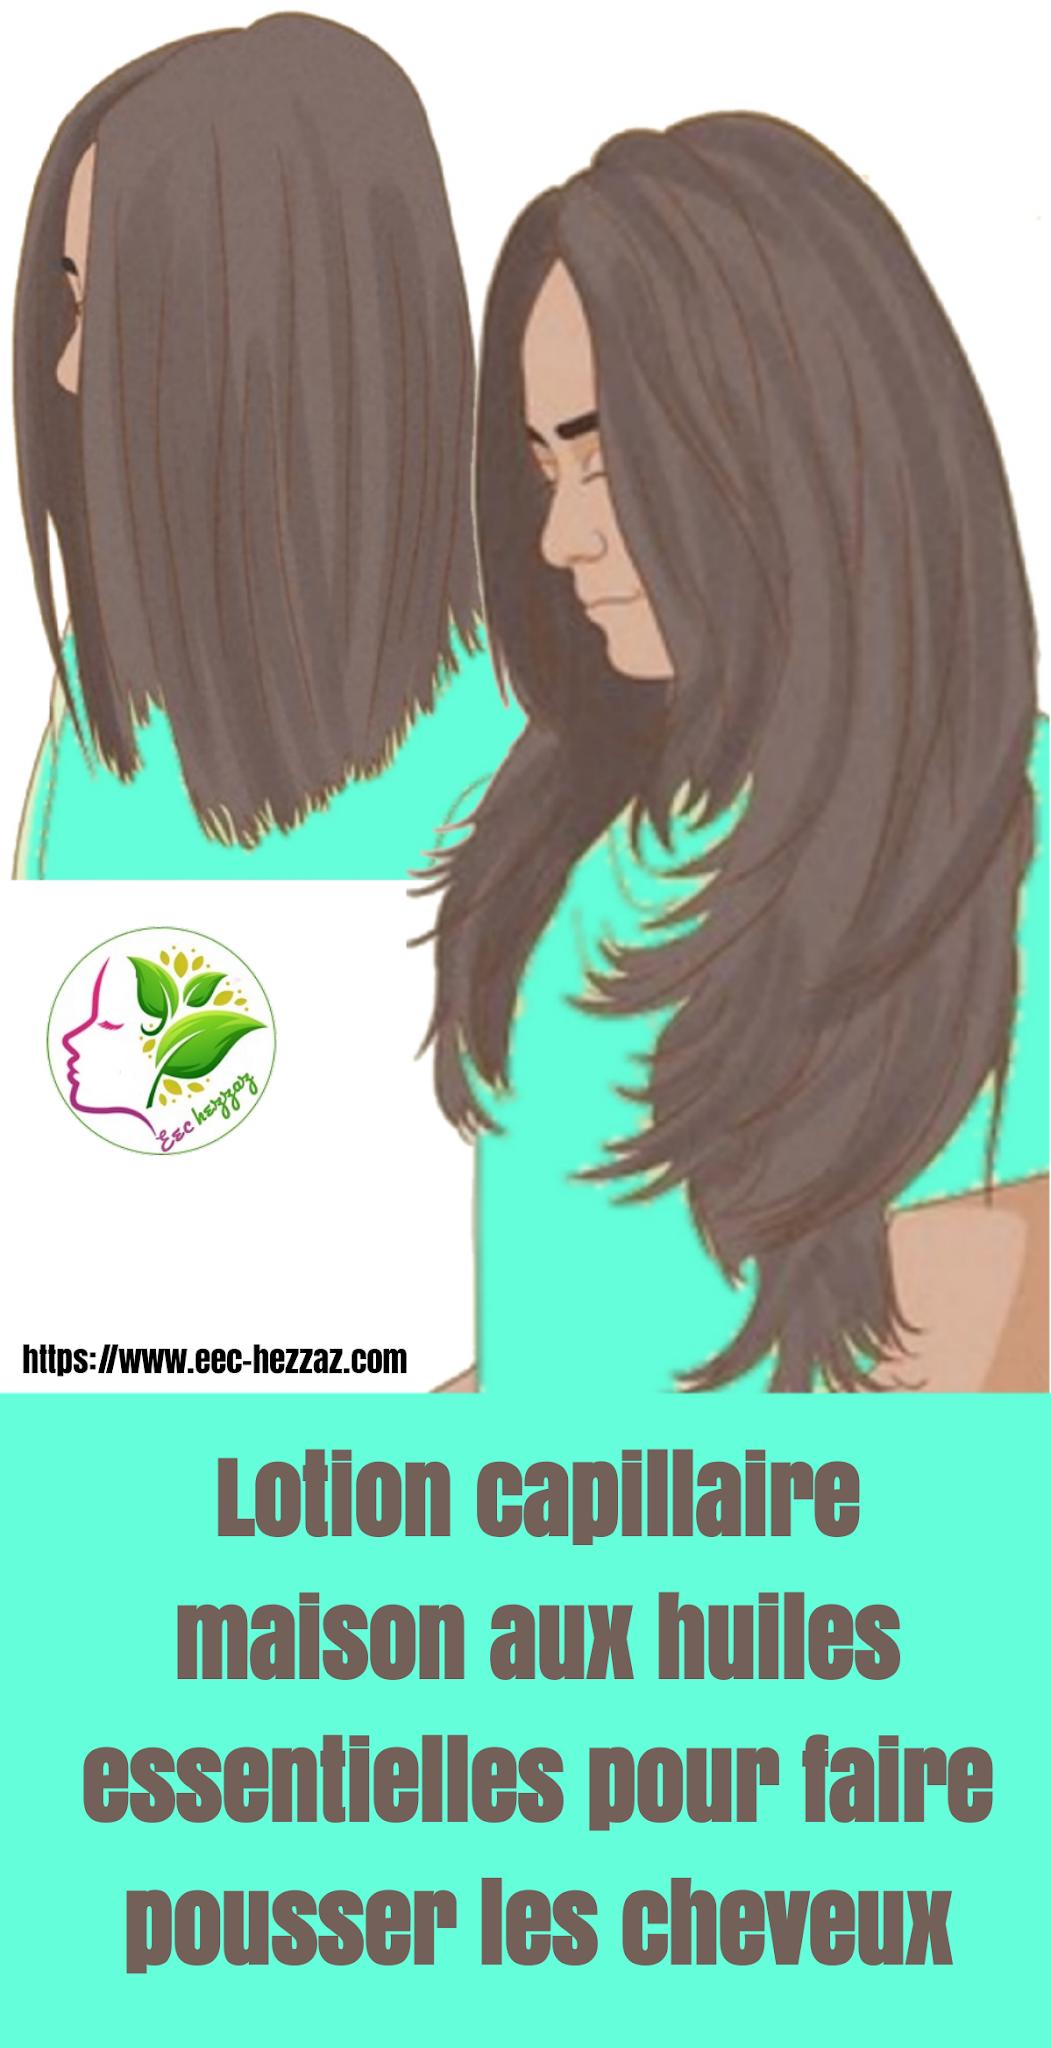 Lotion capillaire maison aux huiles essentielles pour faire pousser les cheveux